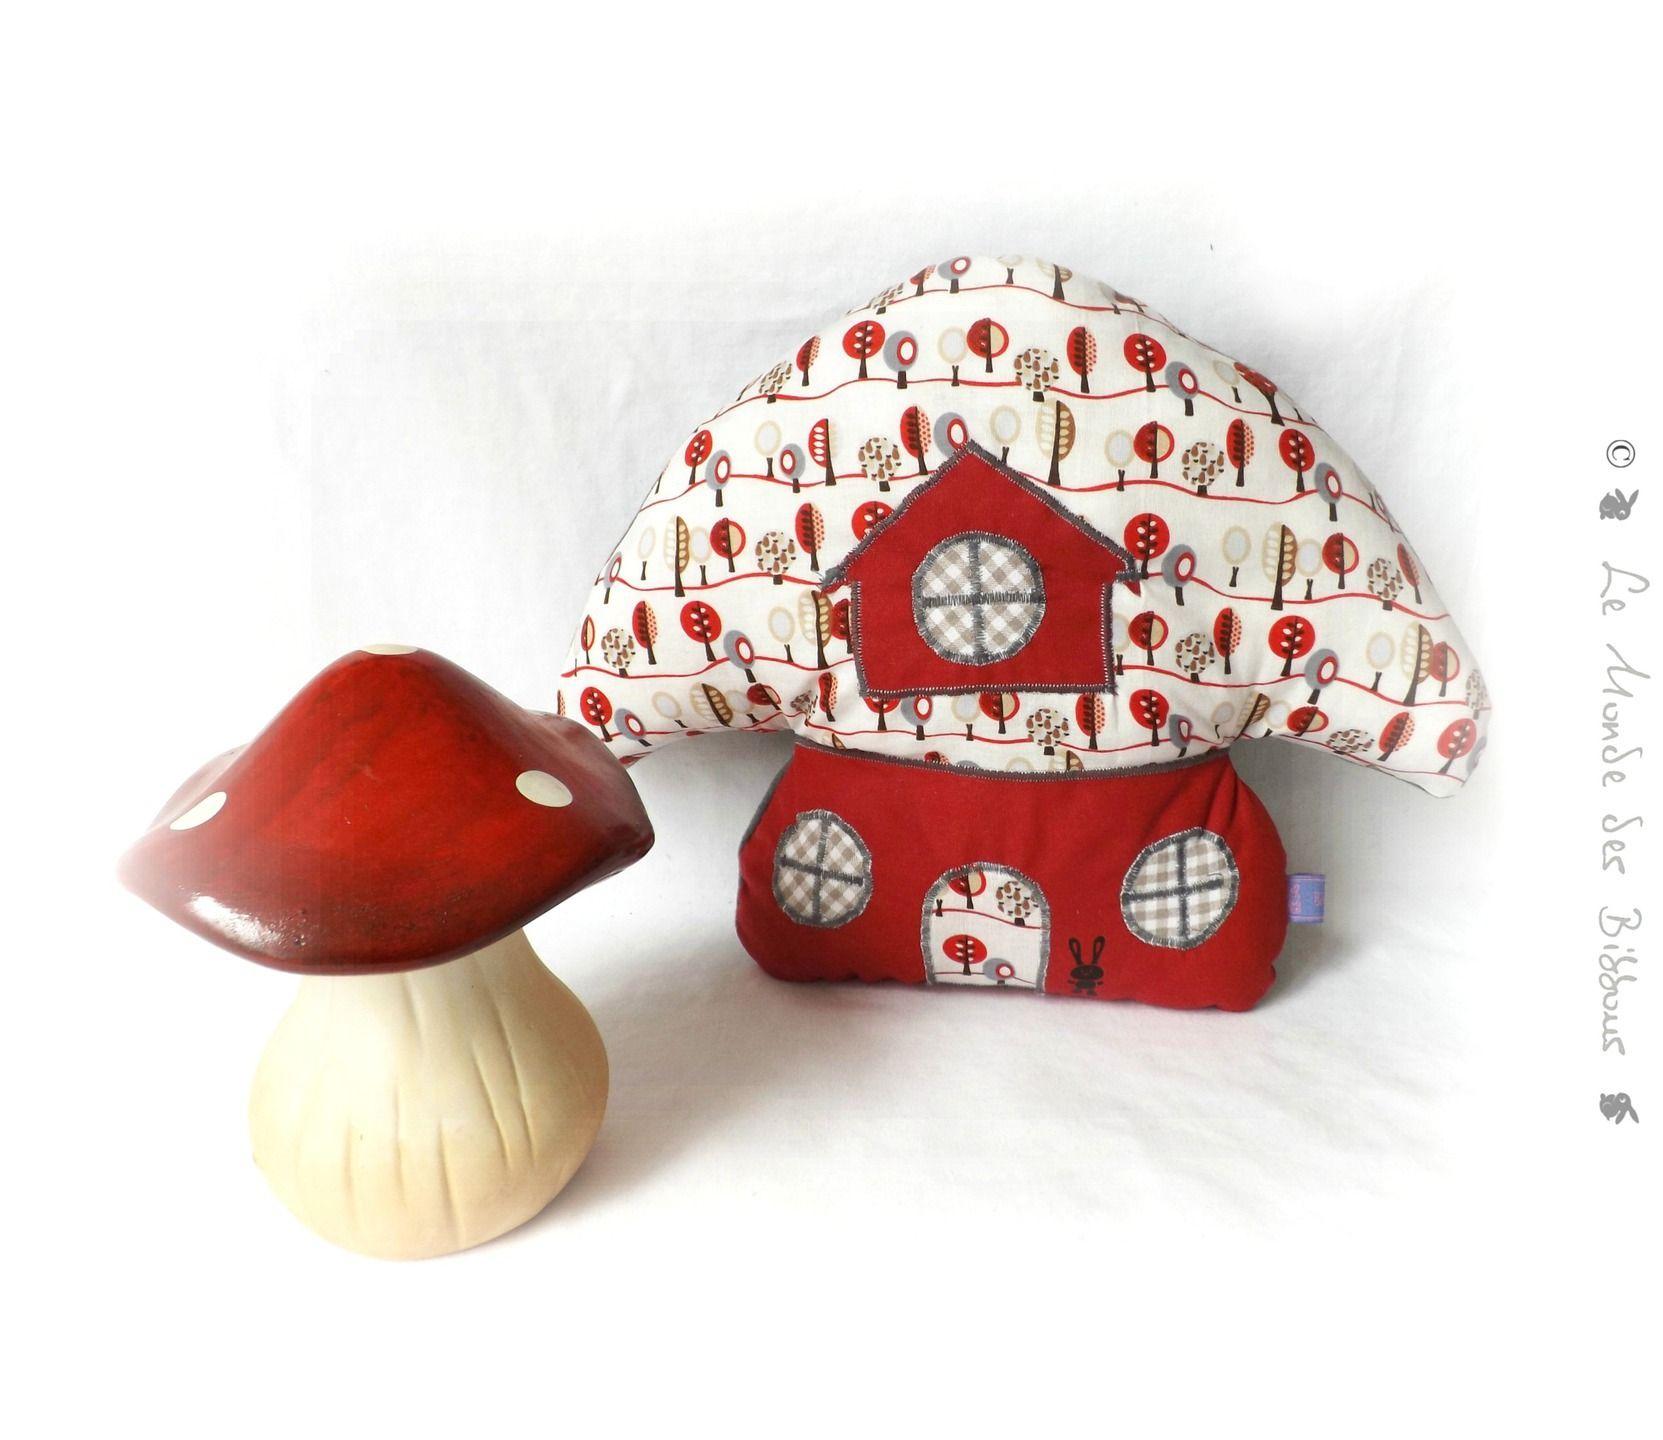 coussin pour enfant forme champignon rouge et gris. Black Bedroom Furniture Sets. Home Design Ideas